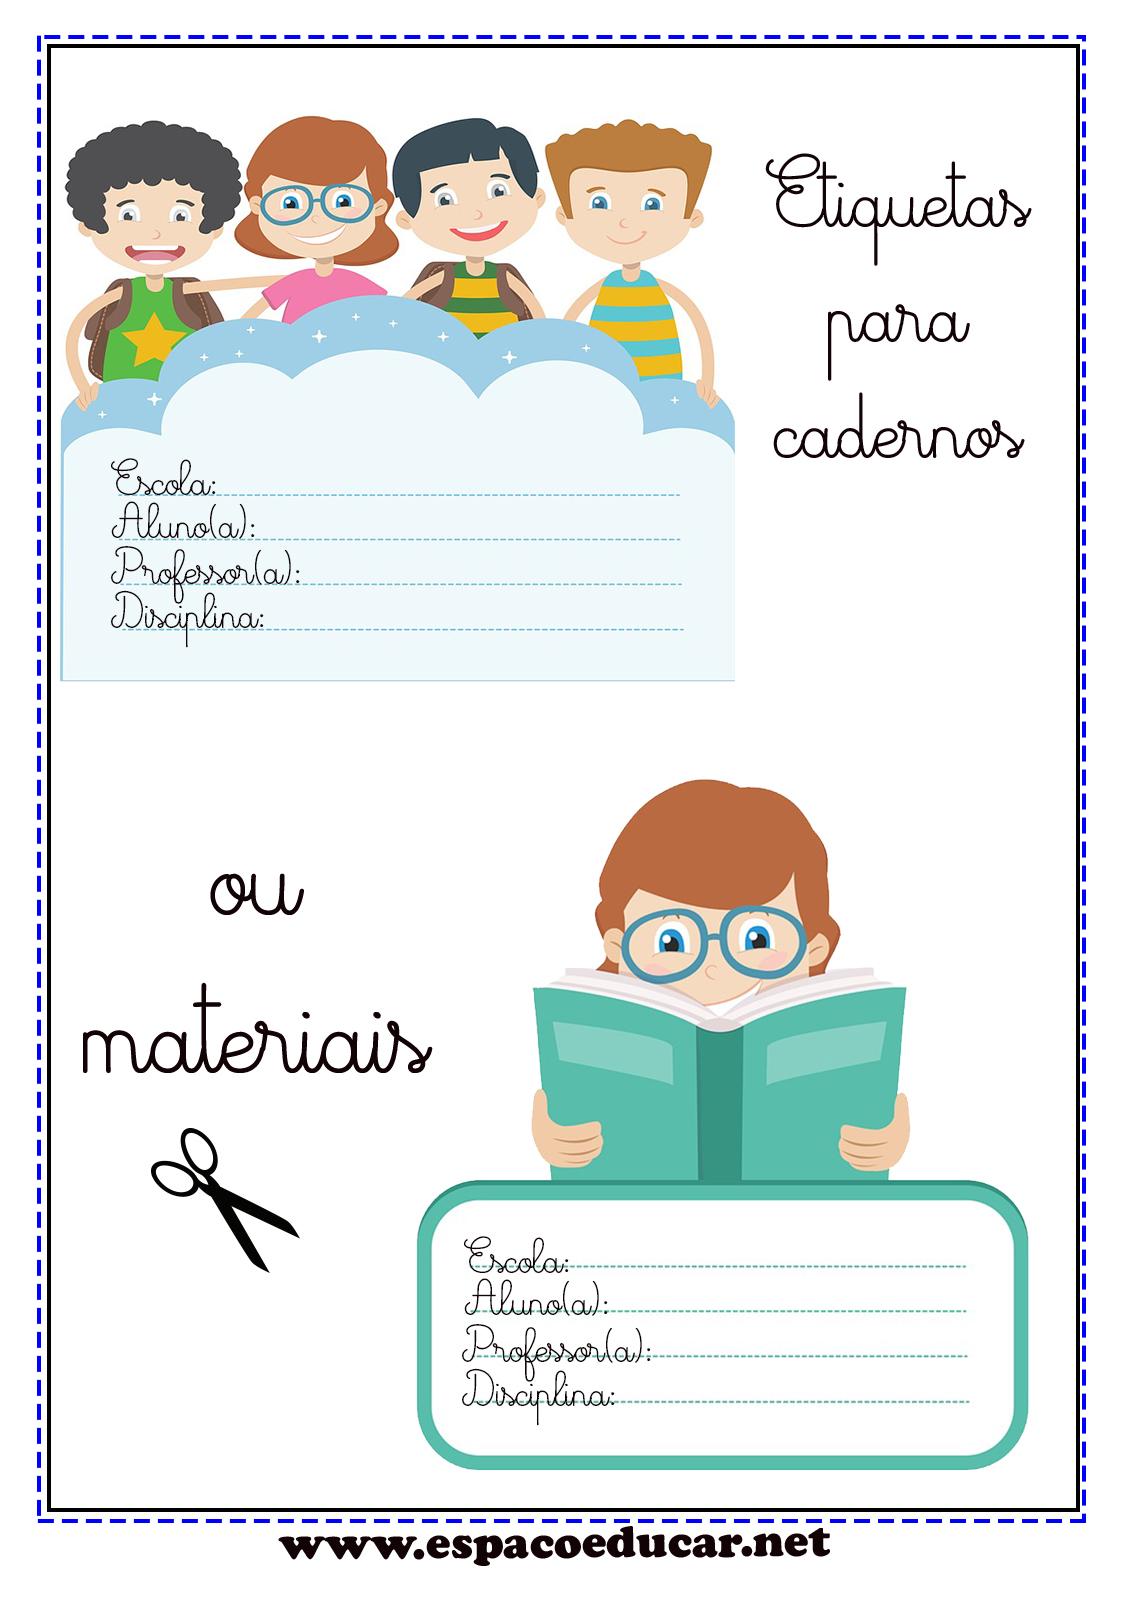 Lindas Etiquetas Para Imprimir Etiquetas Para Cadernos E Livros